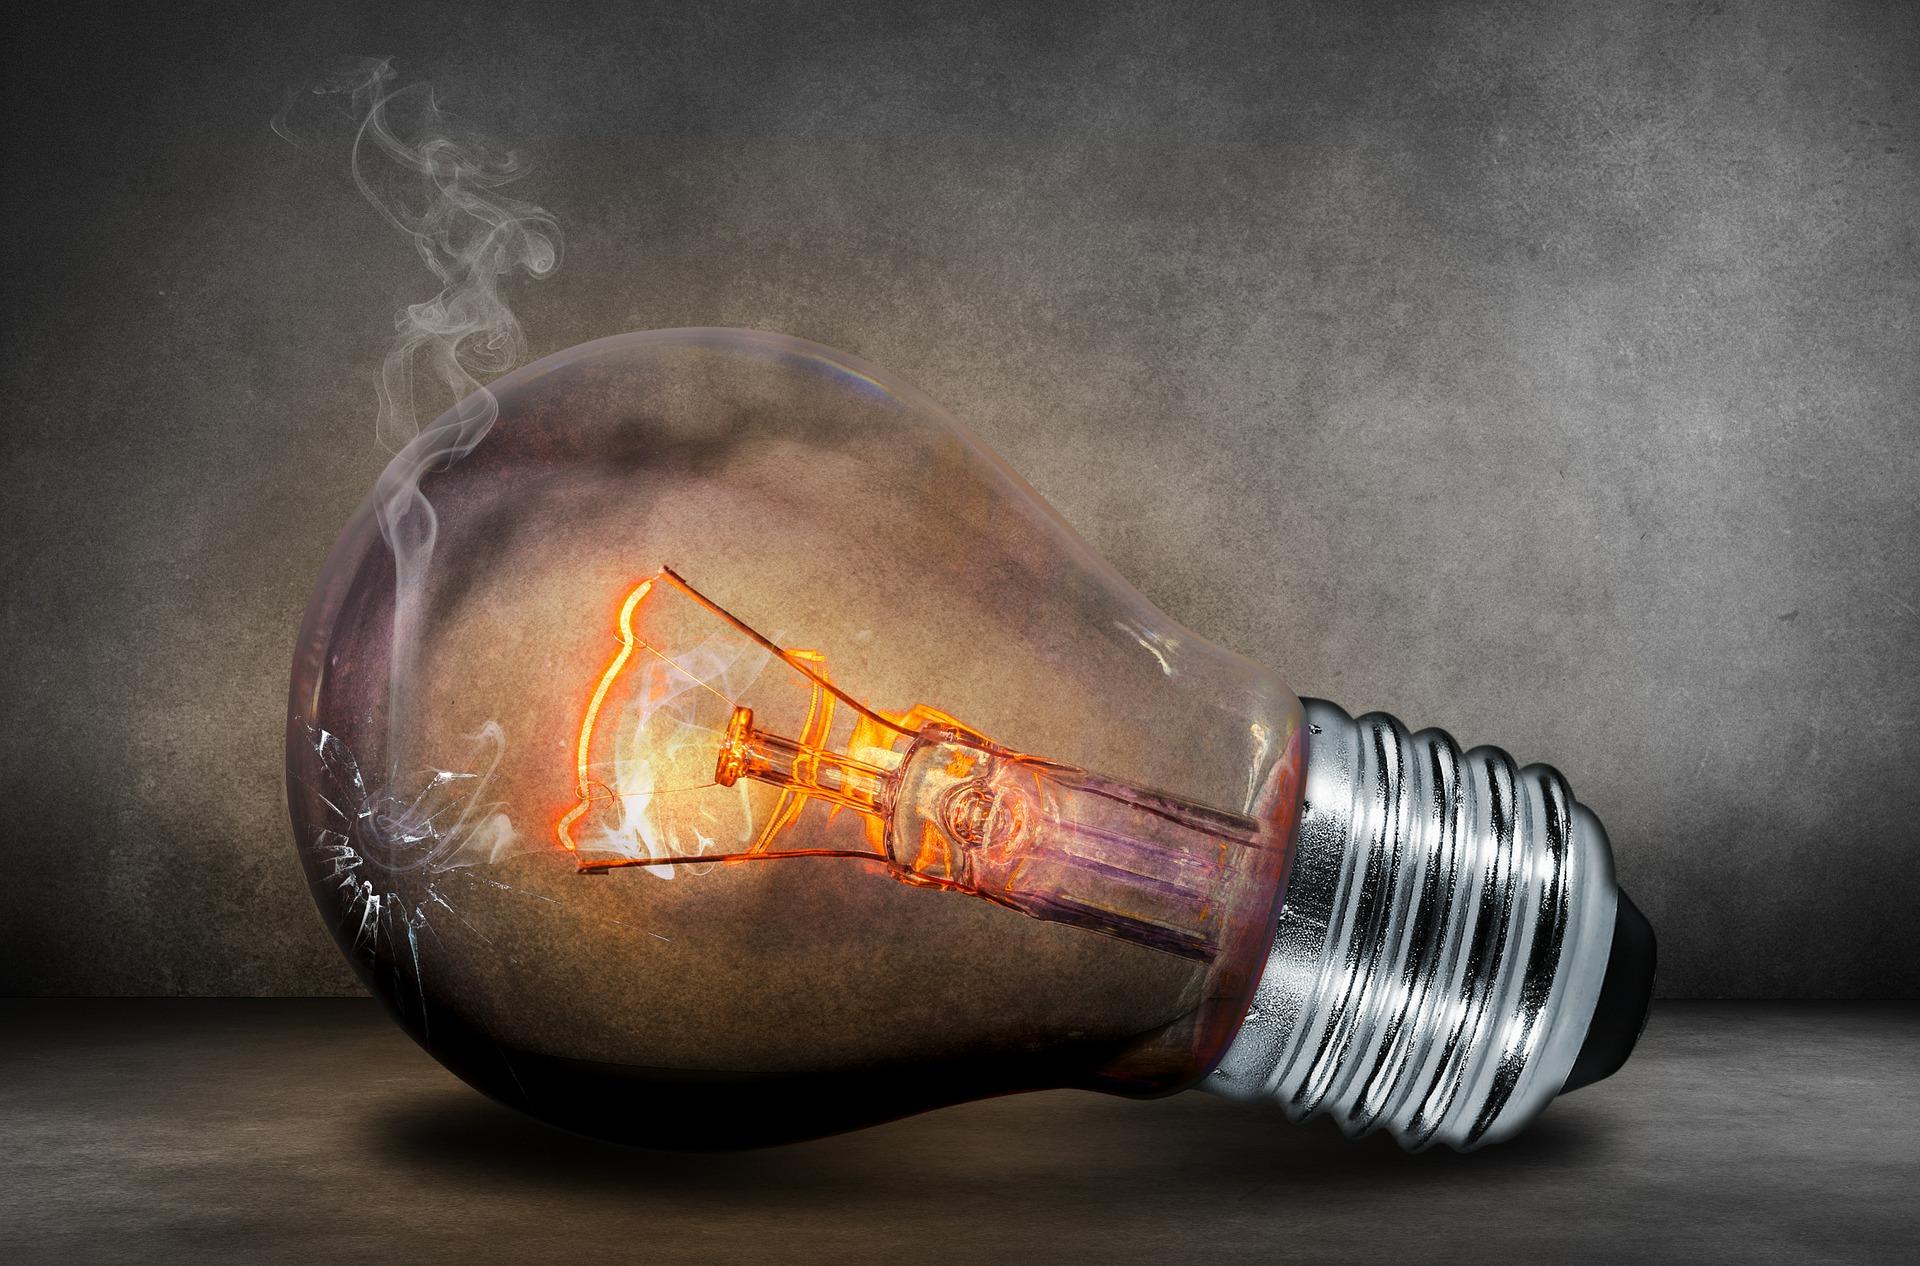 riesgos-electricidad Riesgos laborales en trabajos con electricidad